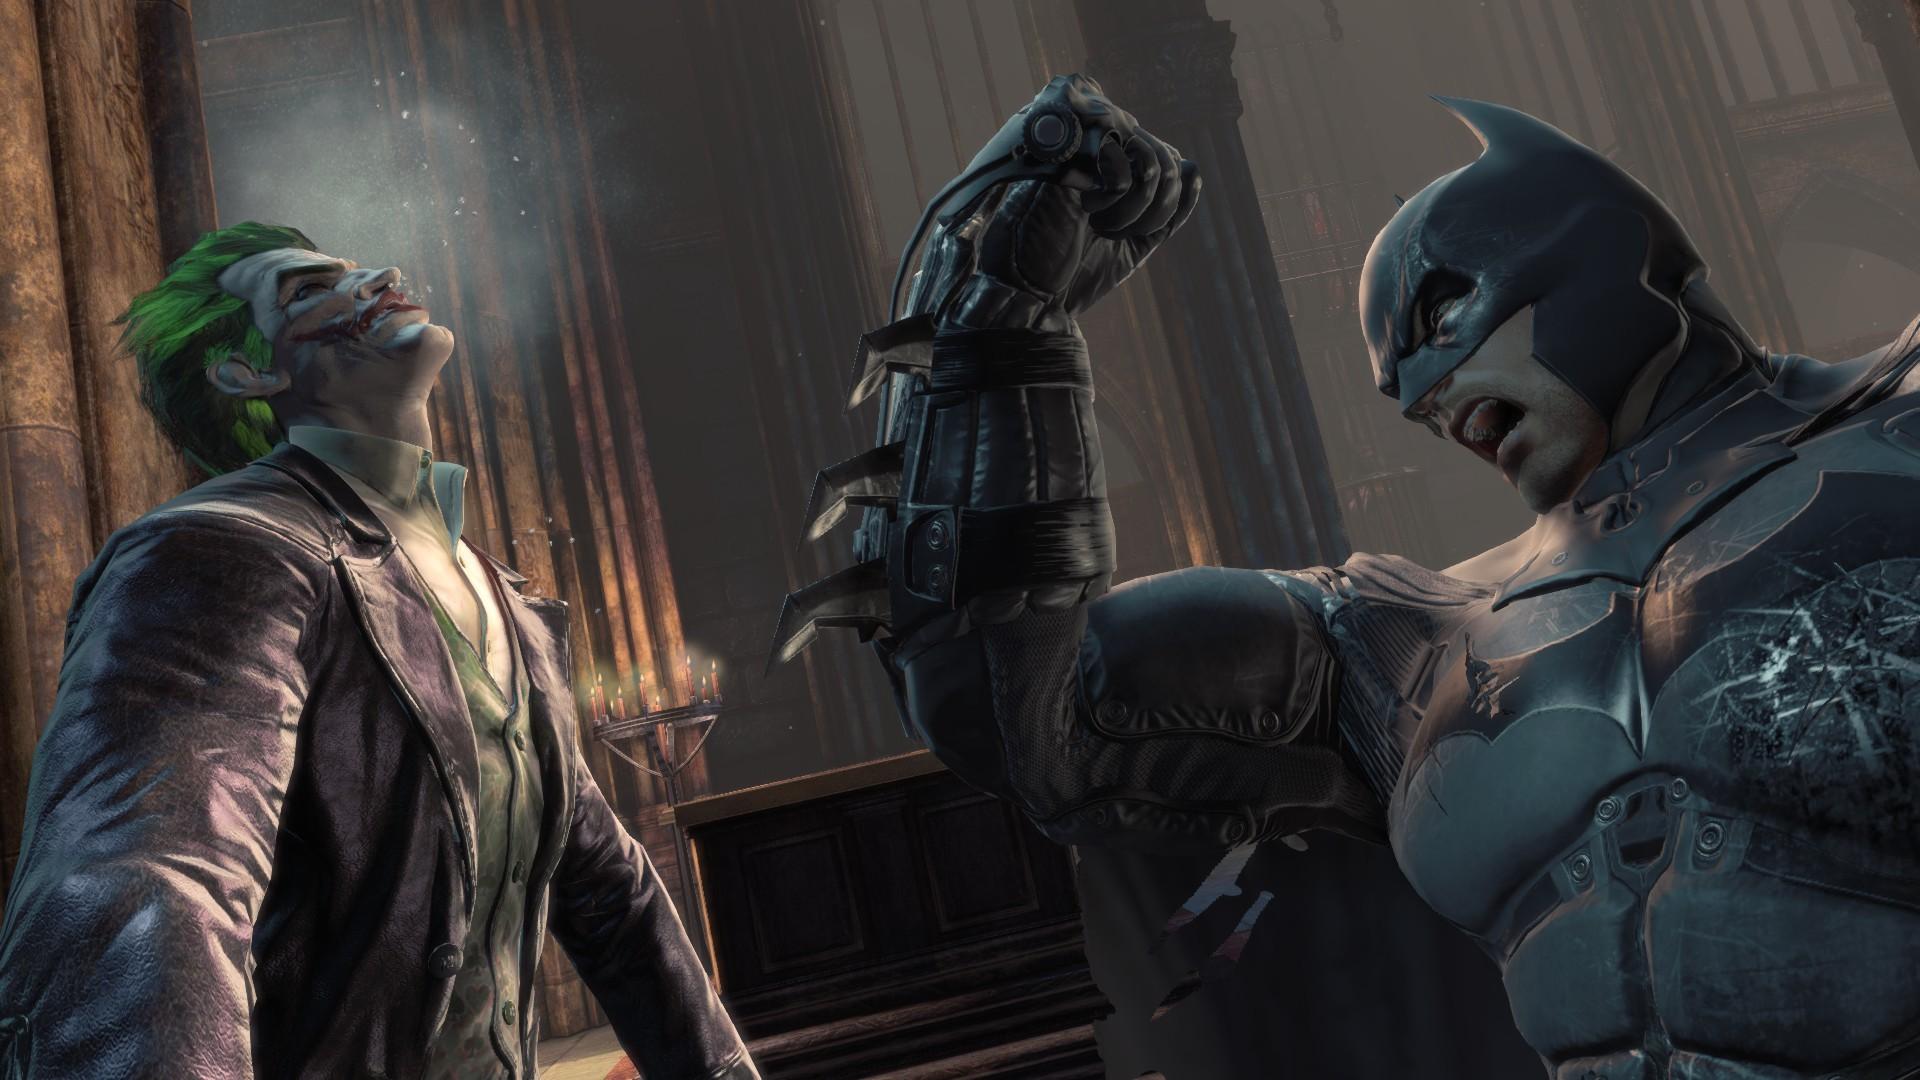 Wallpaper Batman Arkham City Joker Darkness Screenshot